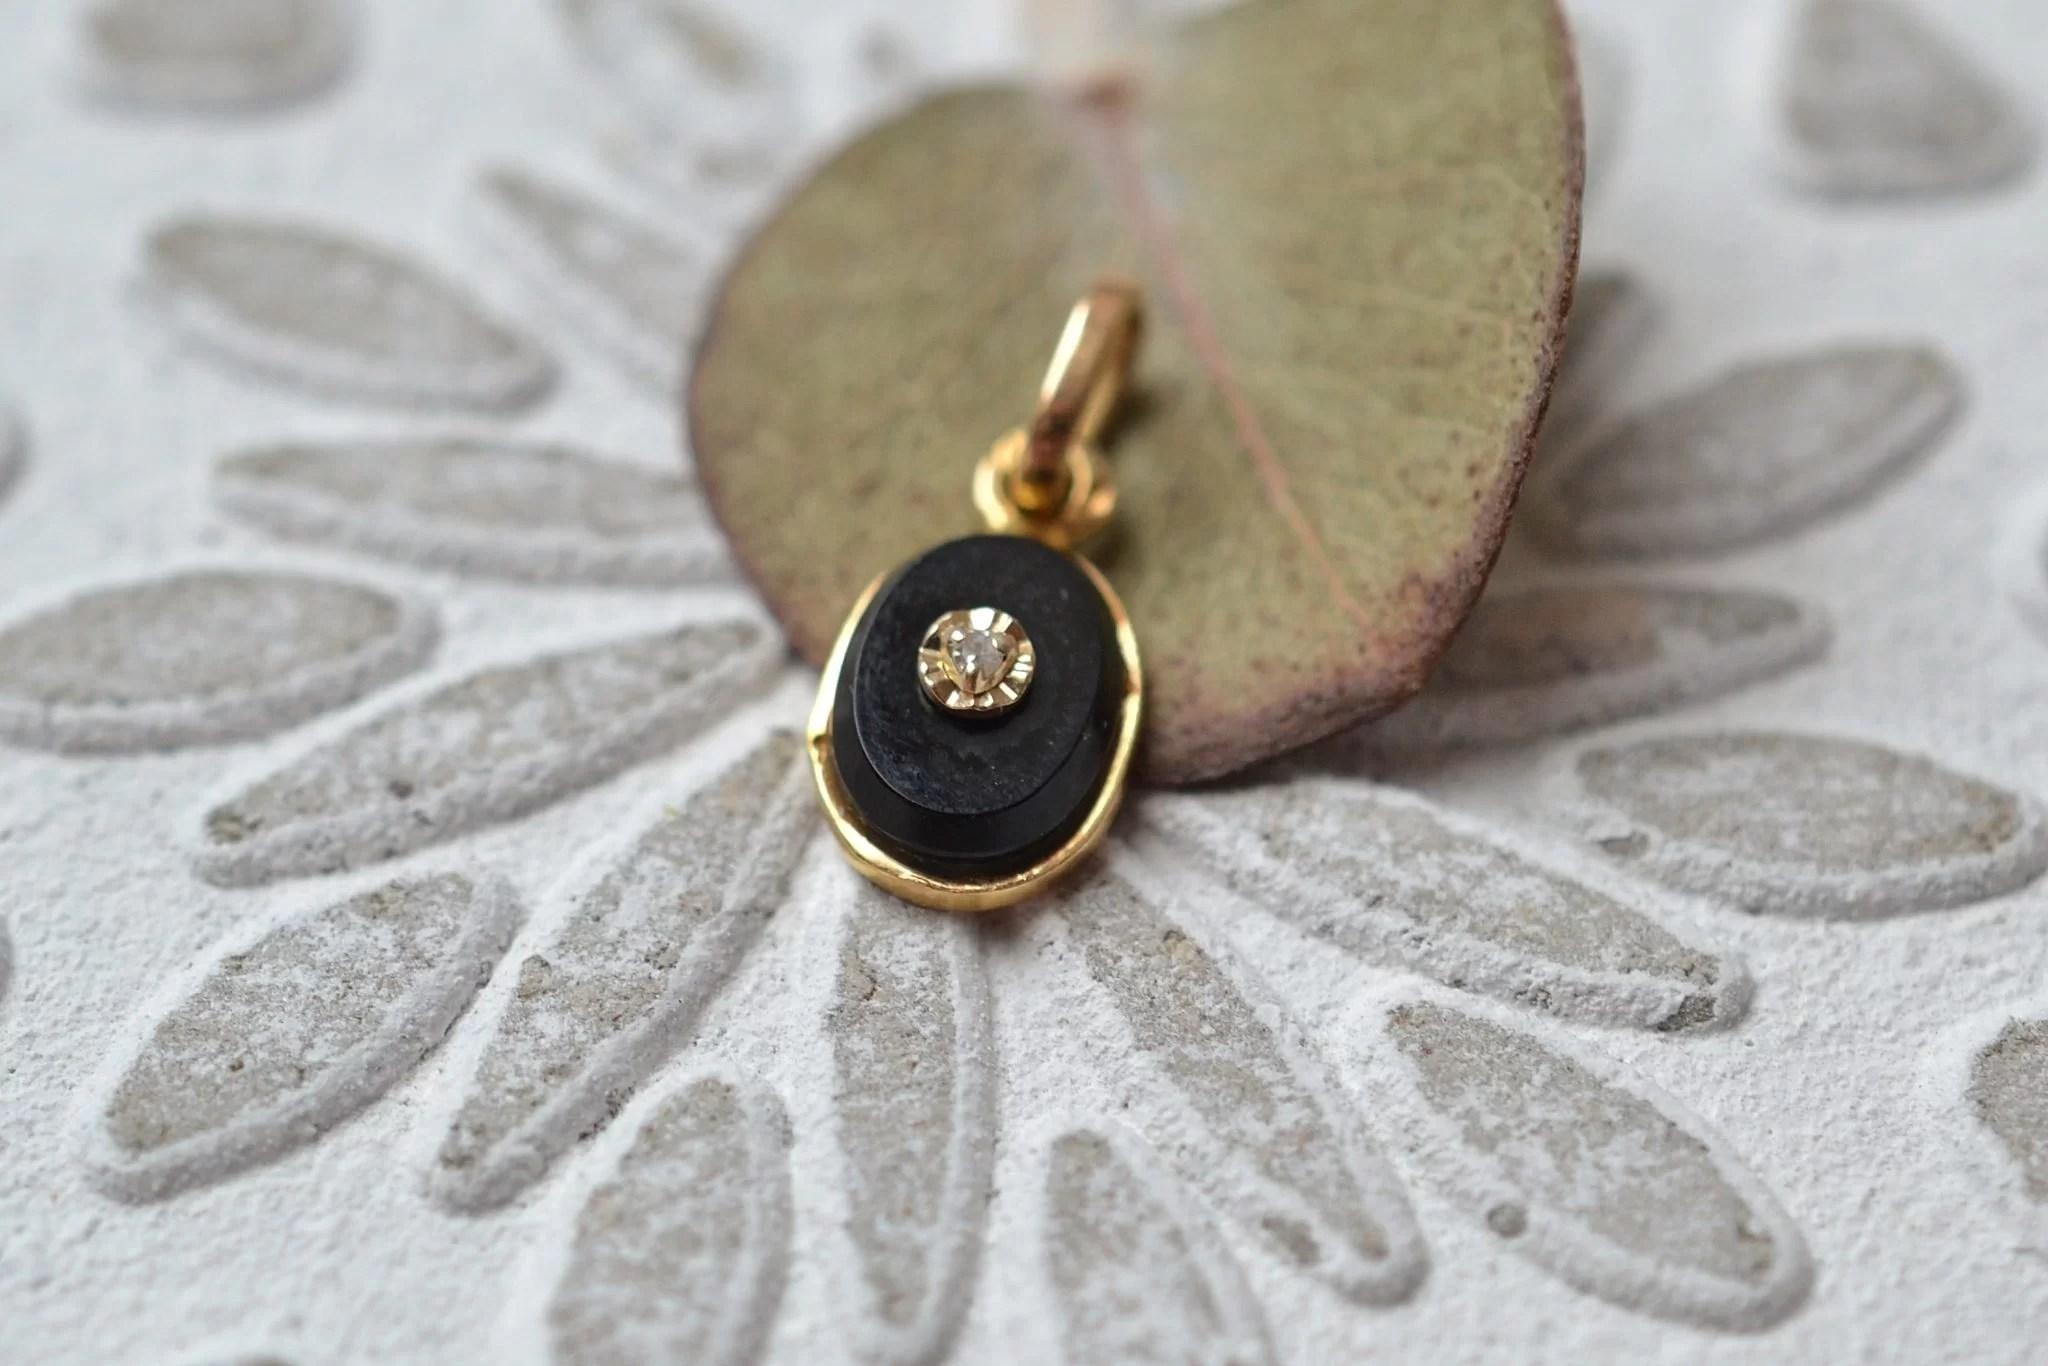 Pendentif en Or jaune rosé serti d_une plaque d_Onyx agrémentée d_un diamant - bijou Vintage et rétro